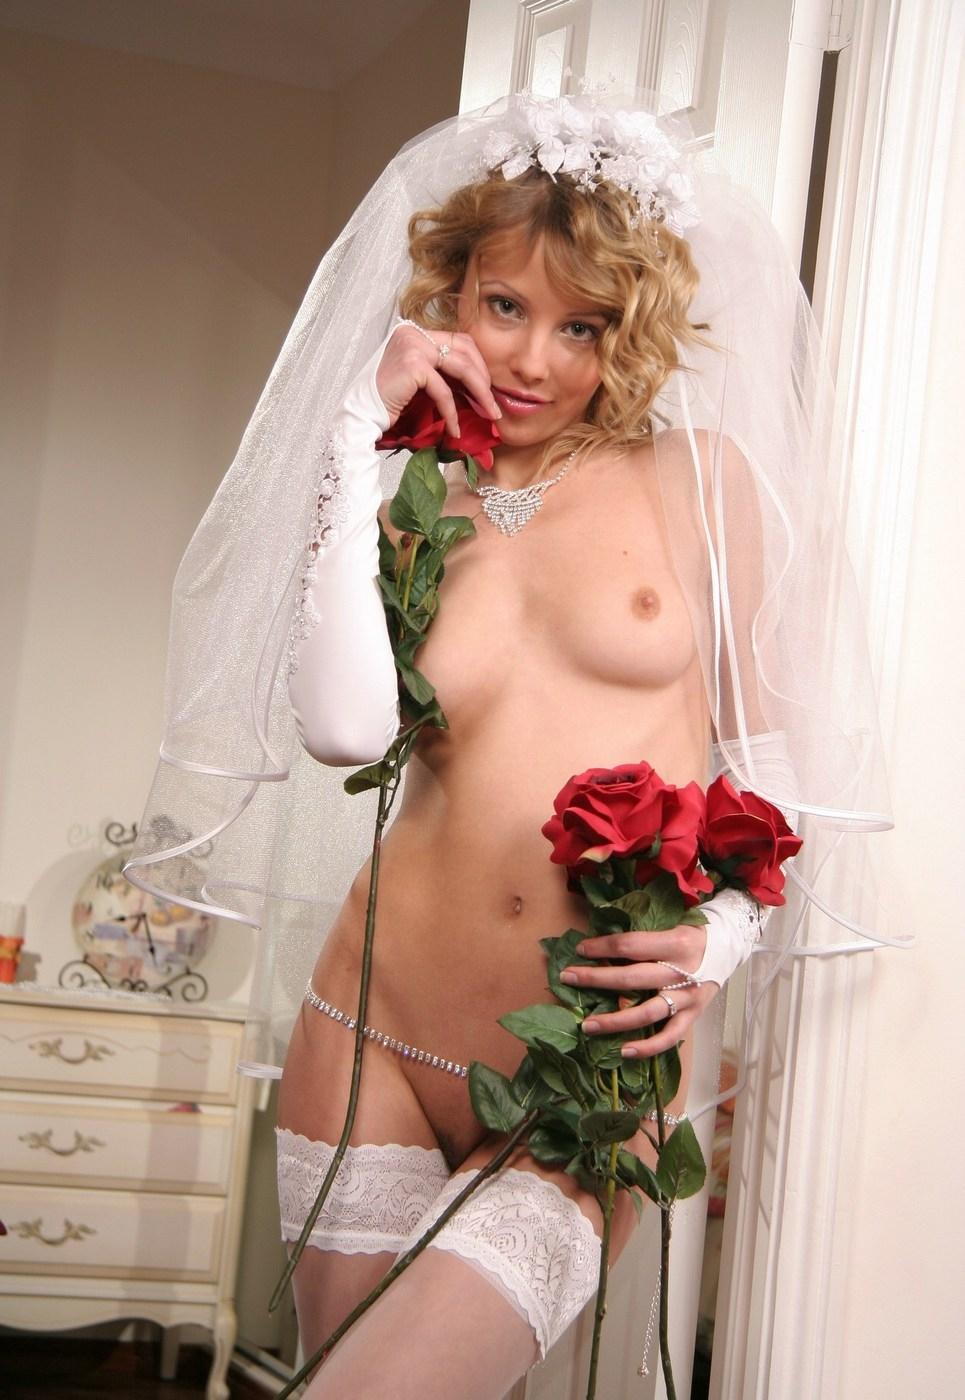 Ретро фото невест без трусов, трансвеститы видео скрытой камеры